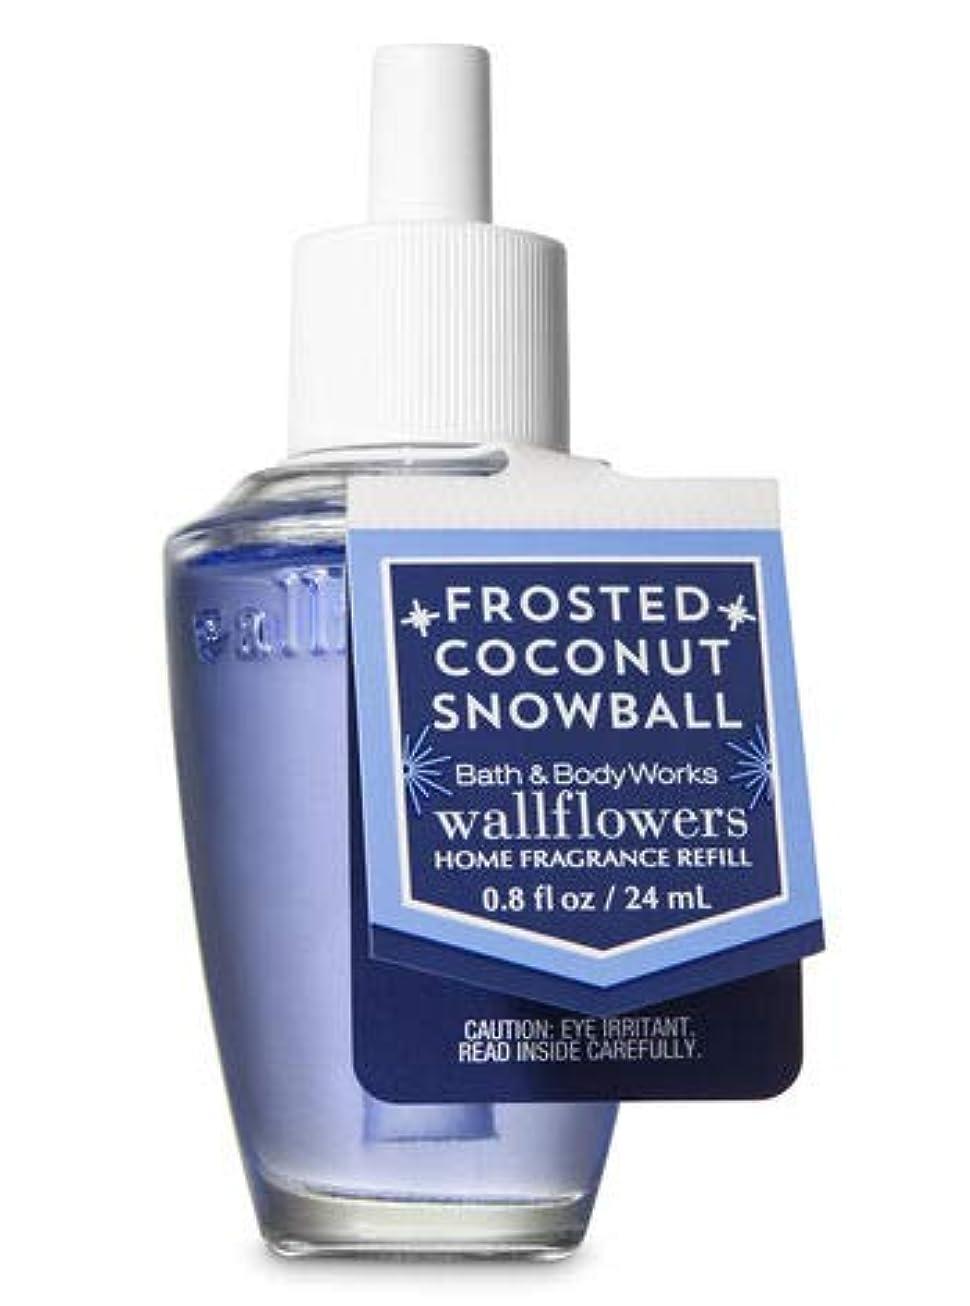 唯一皿バックアップ【Bath&Body Works/バス&ボディワークス】 ルームフレグランス 詰替えリフィル フロステッドココナッツスノーボール Wallflowers Home Fragrance Refill Frosted Coconut Snowball [並行輸入品]